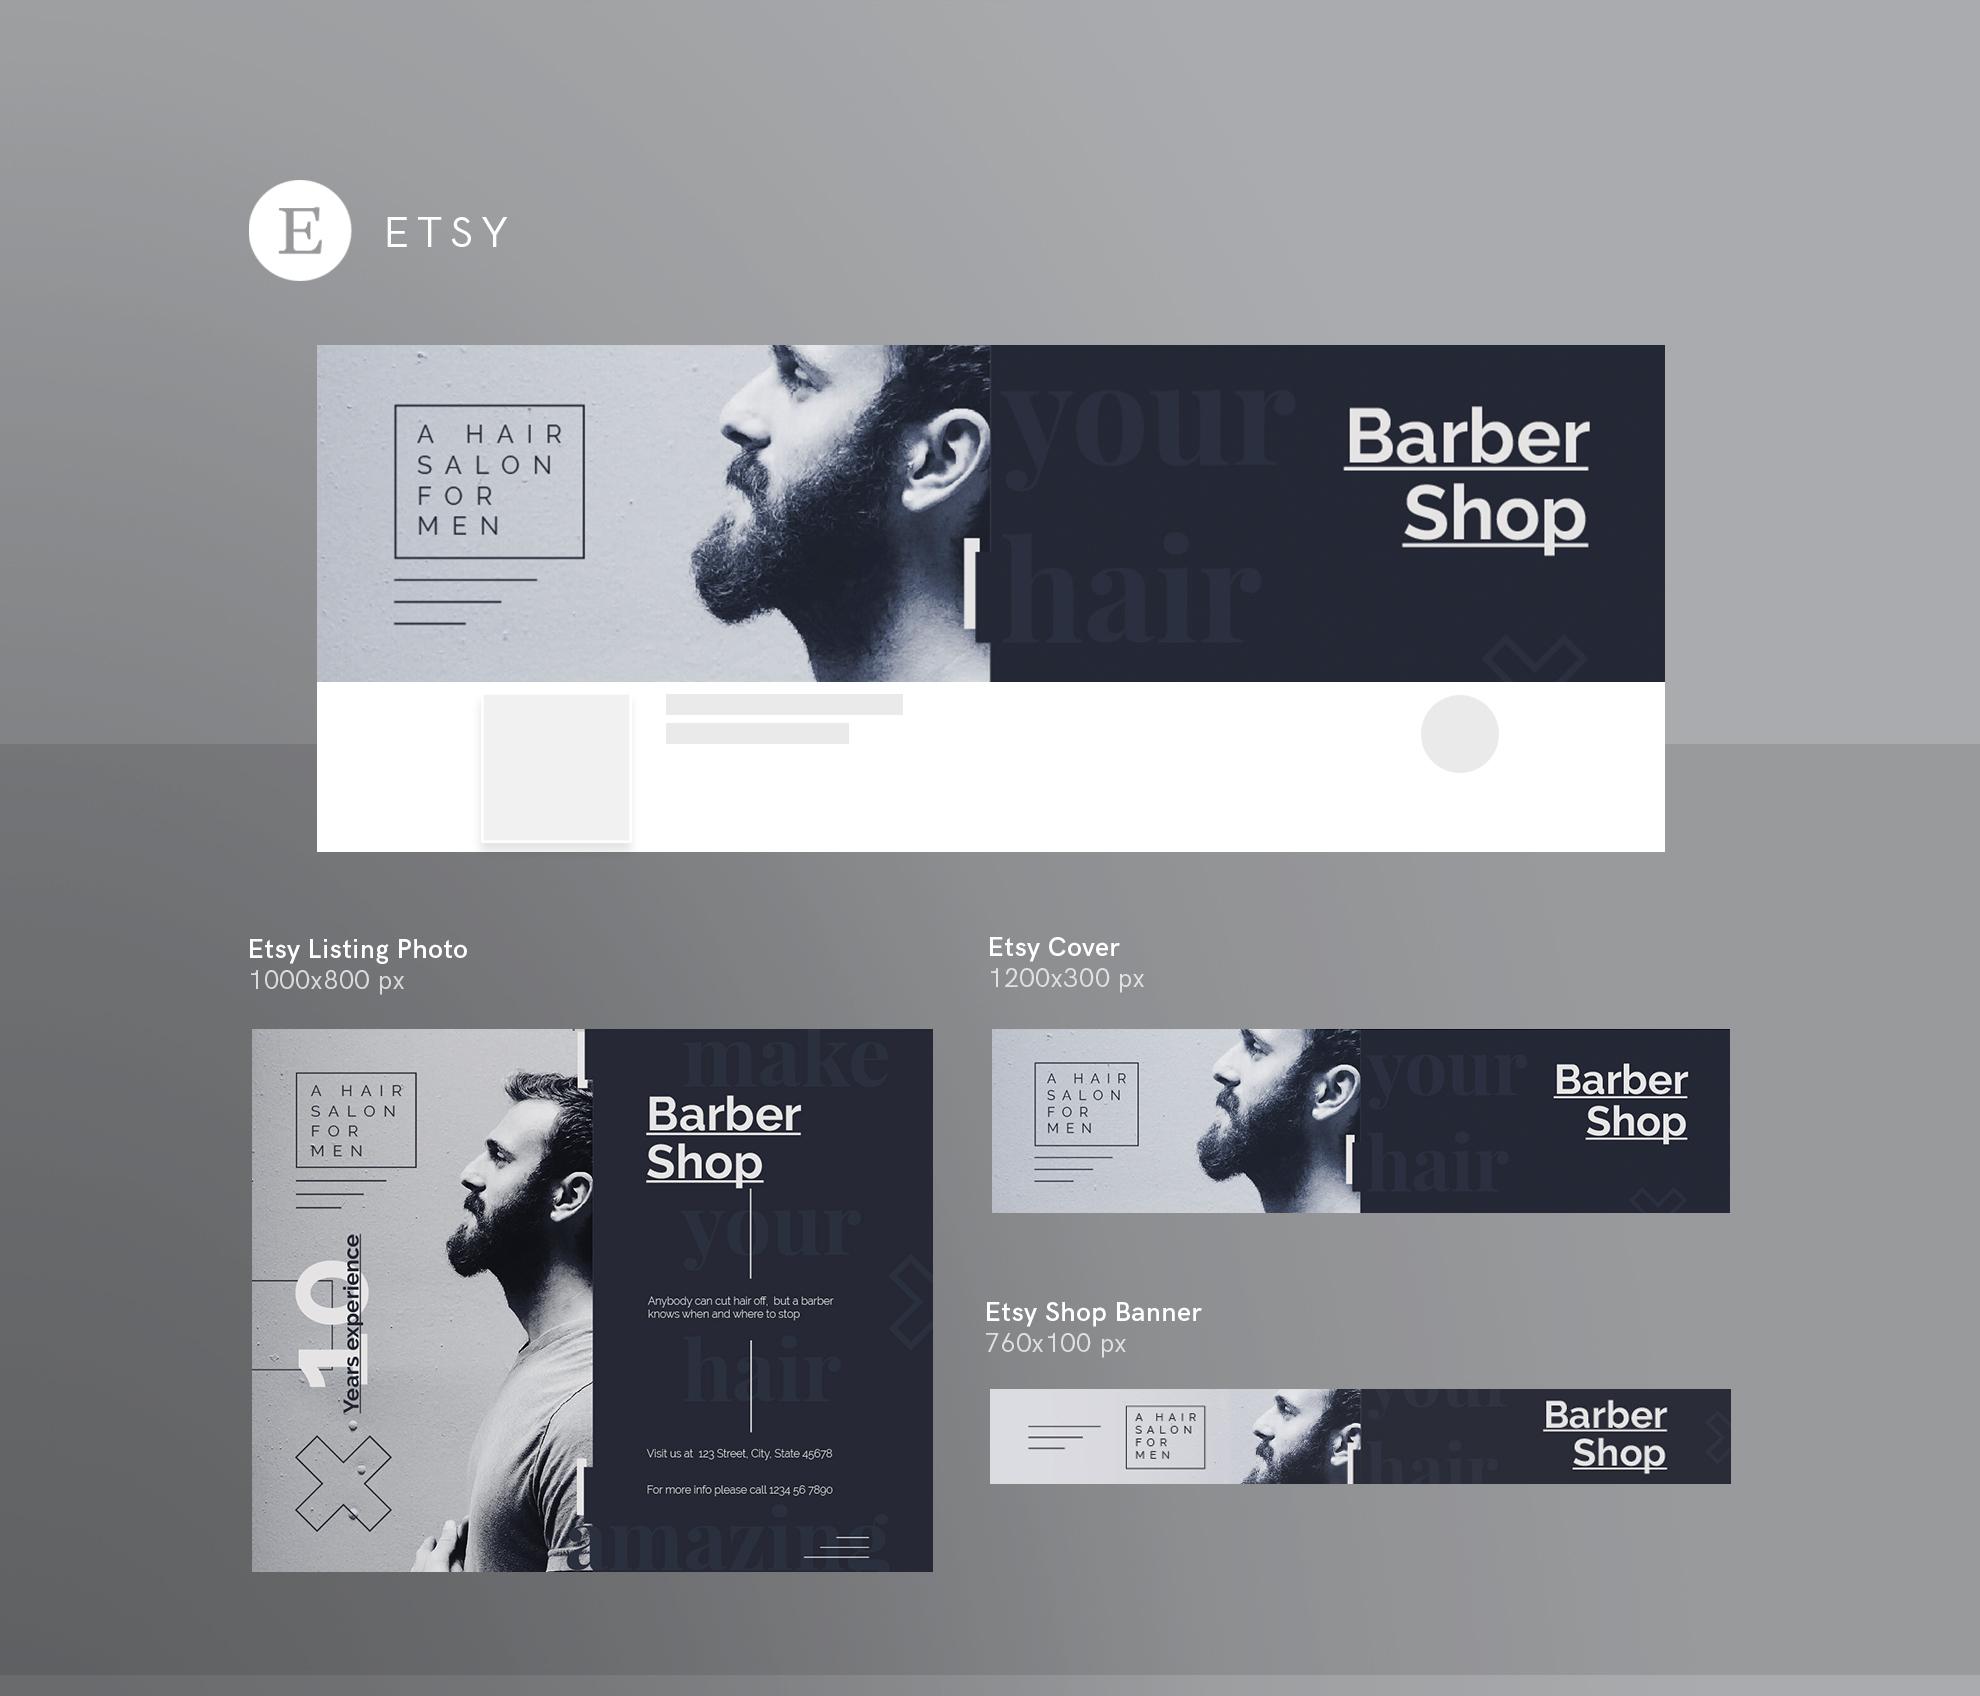 Barber Shop Hair Salon For Men Design Templates Bundle 115219 Branding Design Bundles